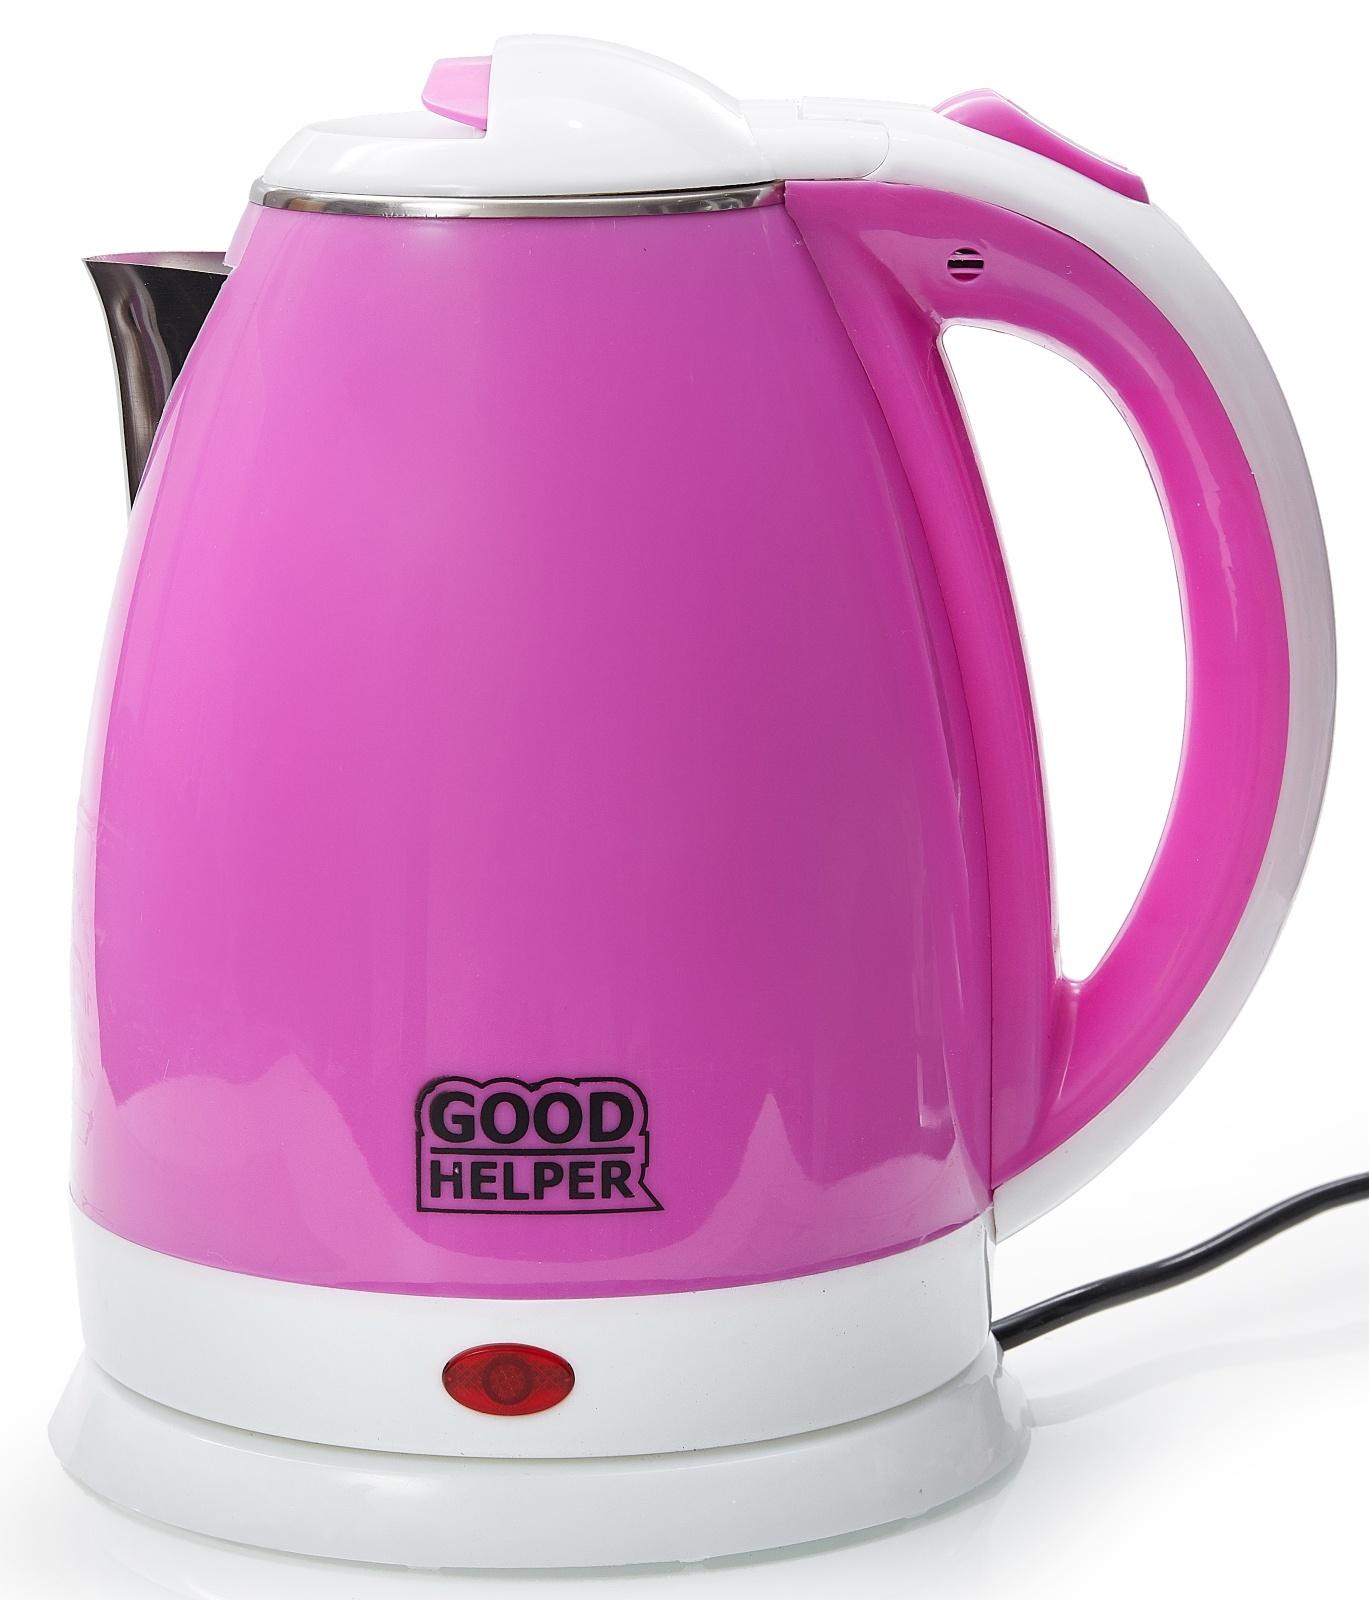 Электрический чайник GOODHELPER Чайник электрический GOODHELPER KPS-180C фиолетовый, KPS-180C фиолетовый goodhelper kps 180c зеленый